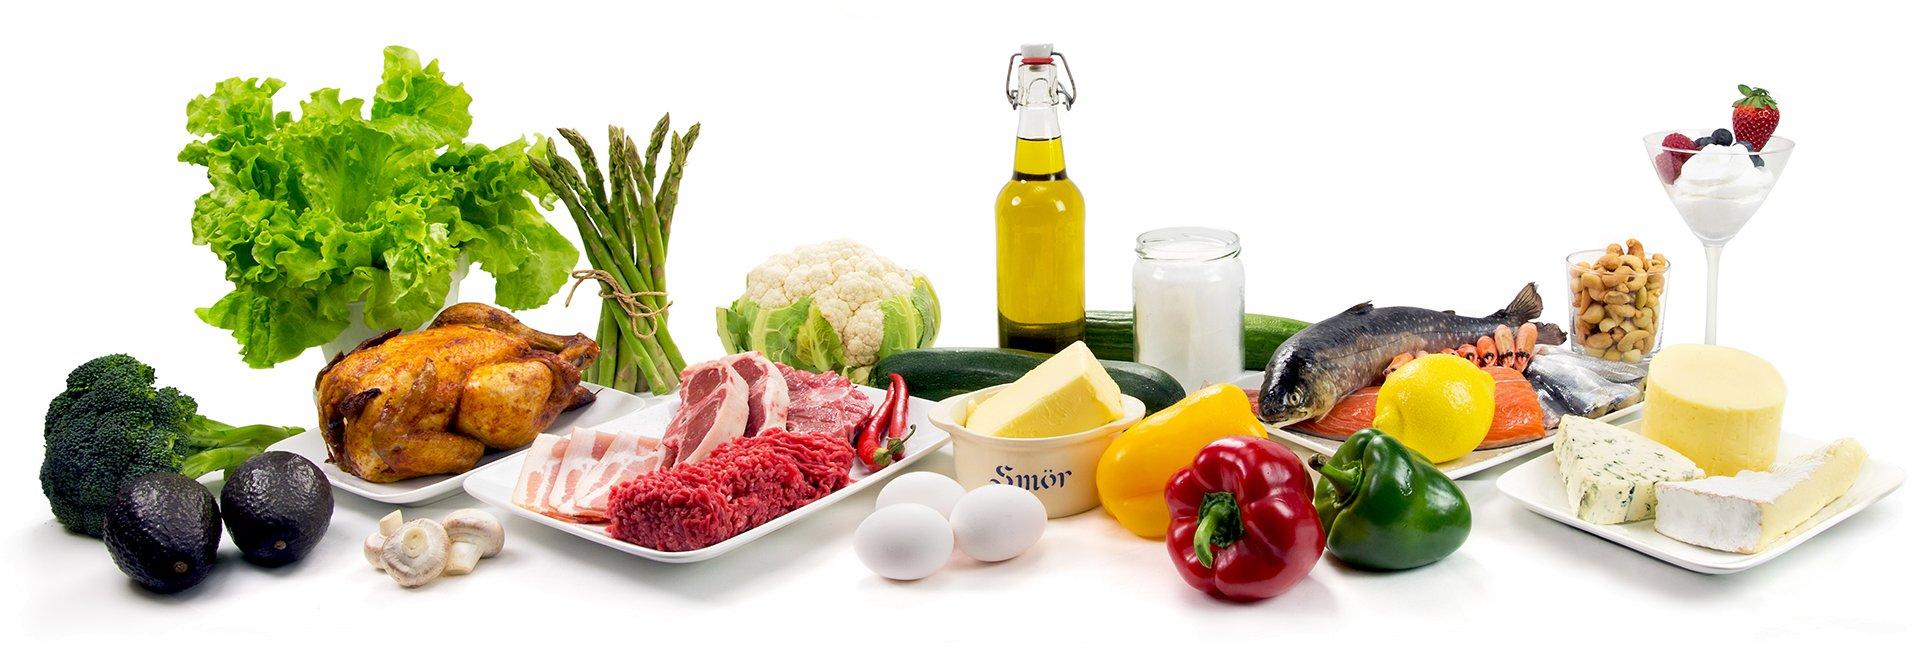 KETO: olivenolje, grønnsaker, smør, kjøtt er helt flott keto-mat.